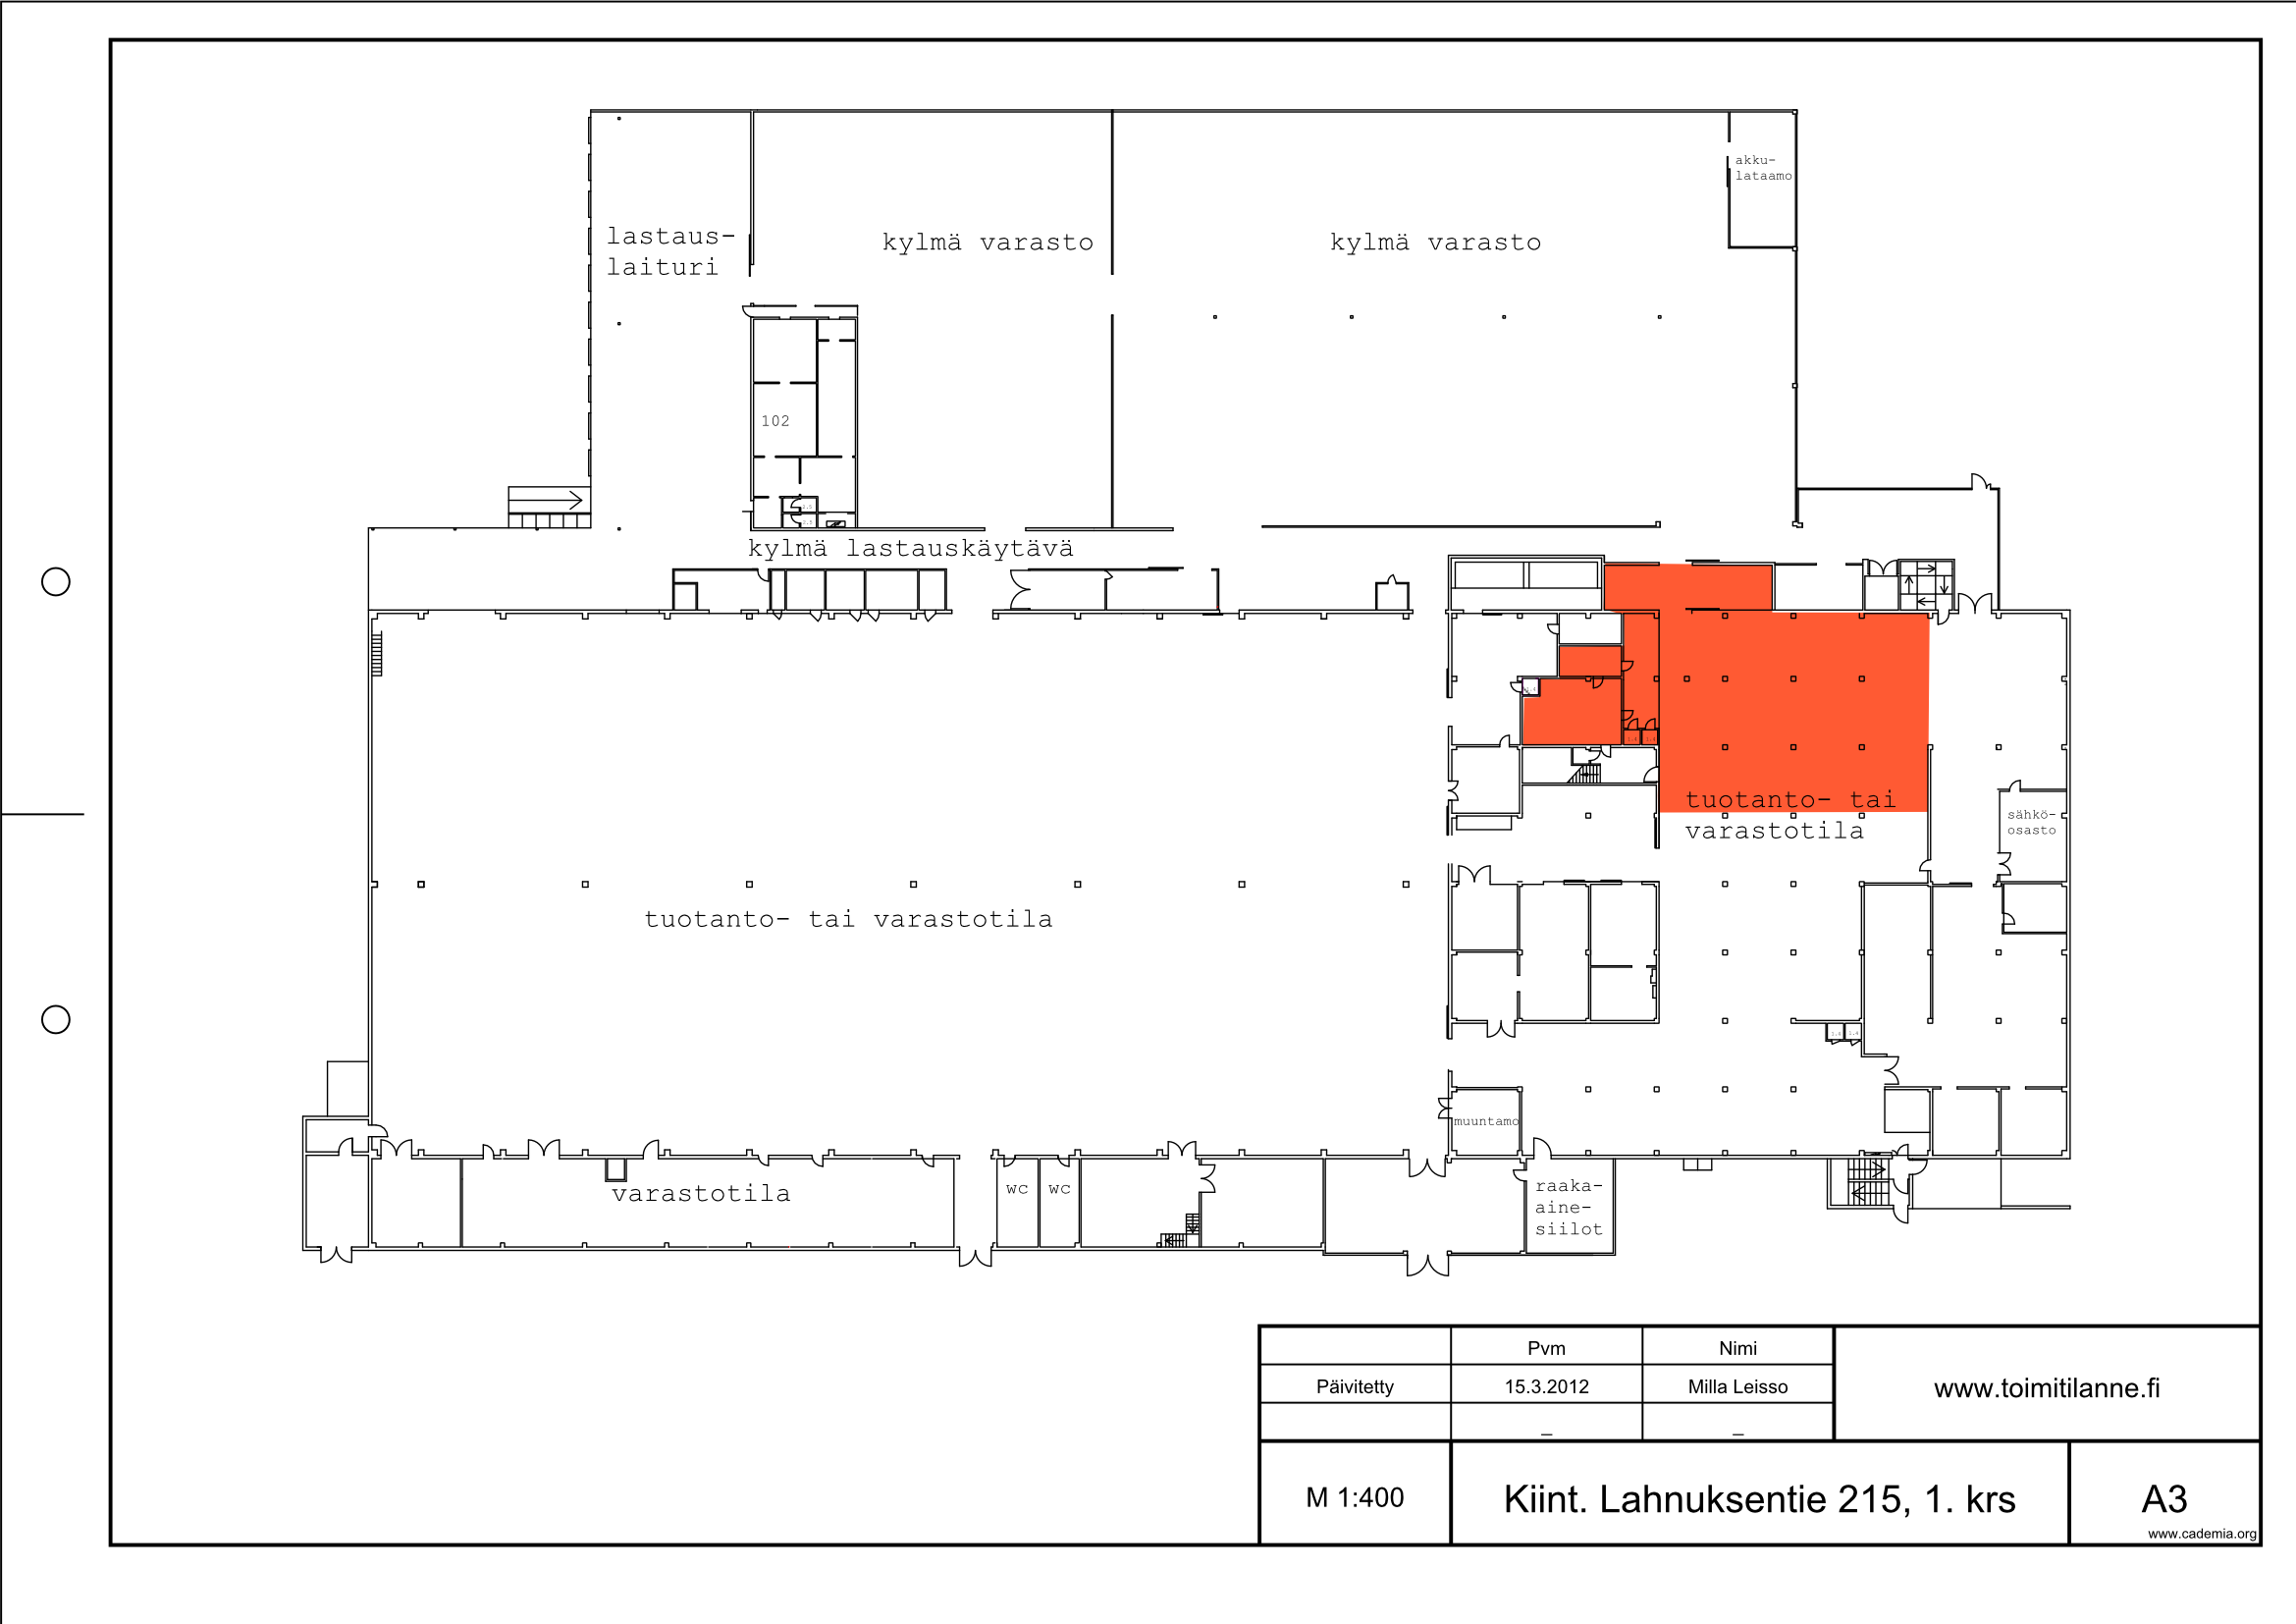 Toimitilanne Suomi, Nurmijärvi - Klaukkala, Lahnuksentie 215. Tuotanto- tai varastotila 360 m².